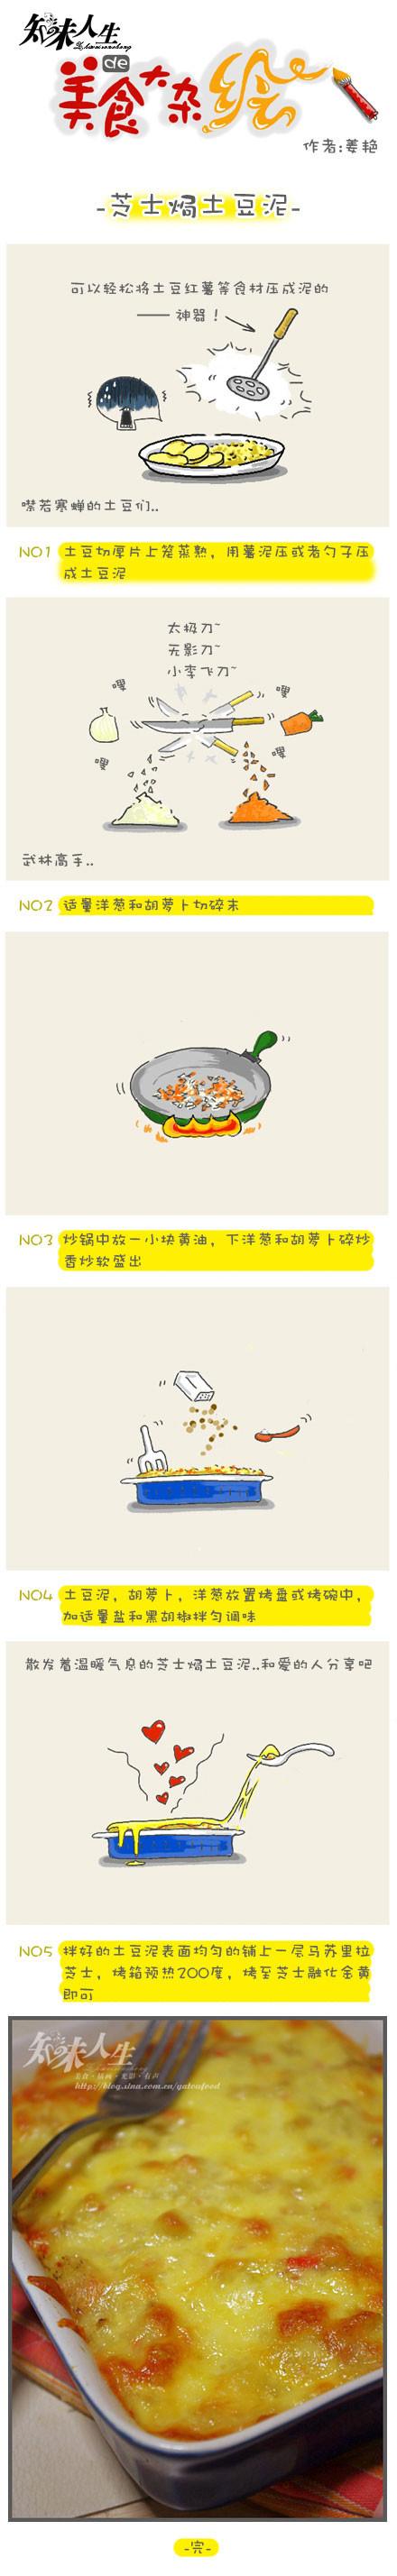 芝士焗土豆泥Yk.jpg